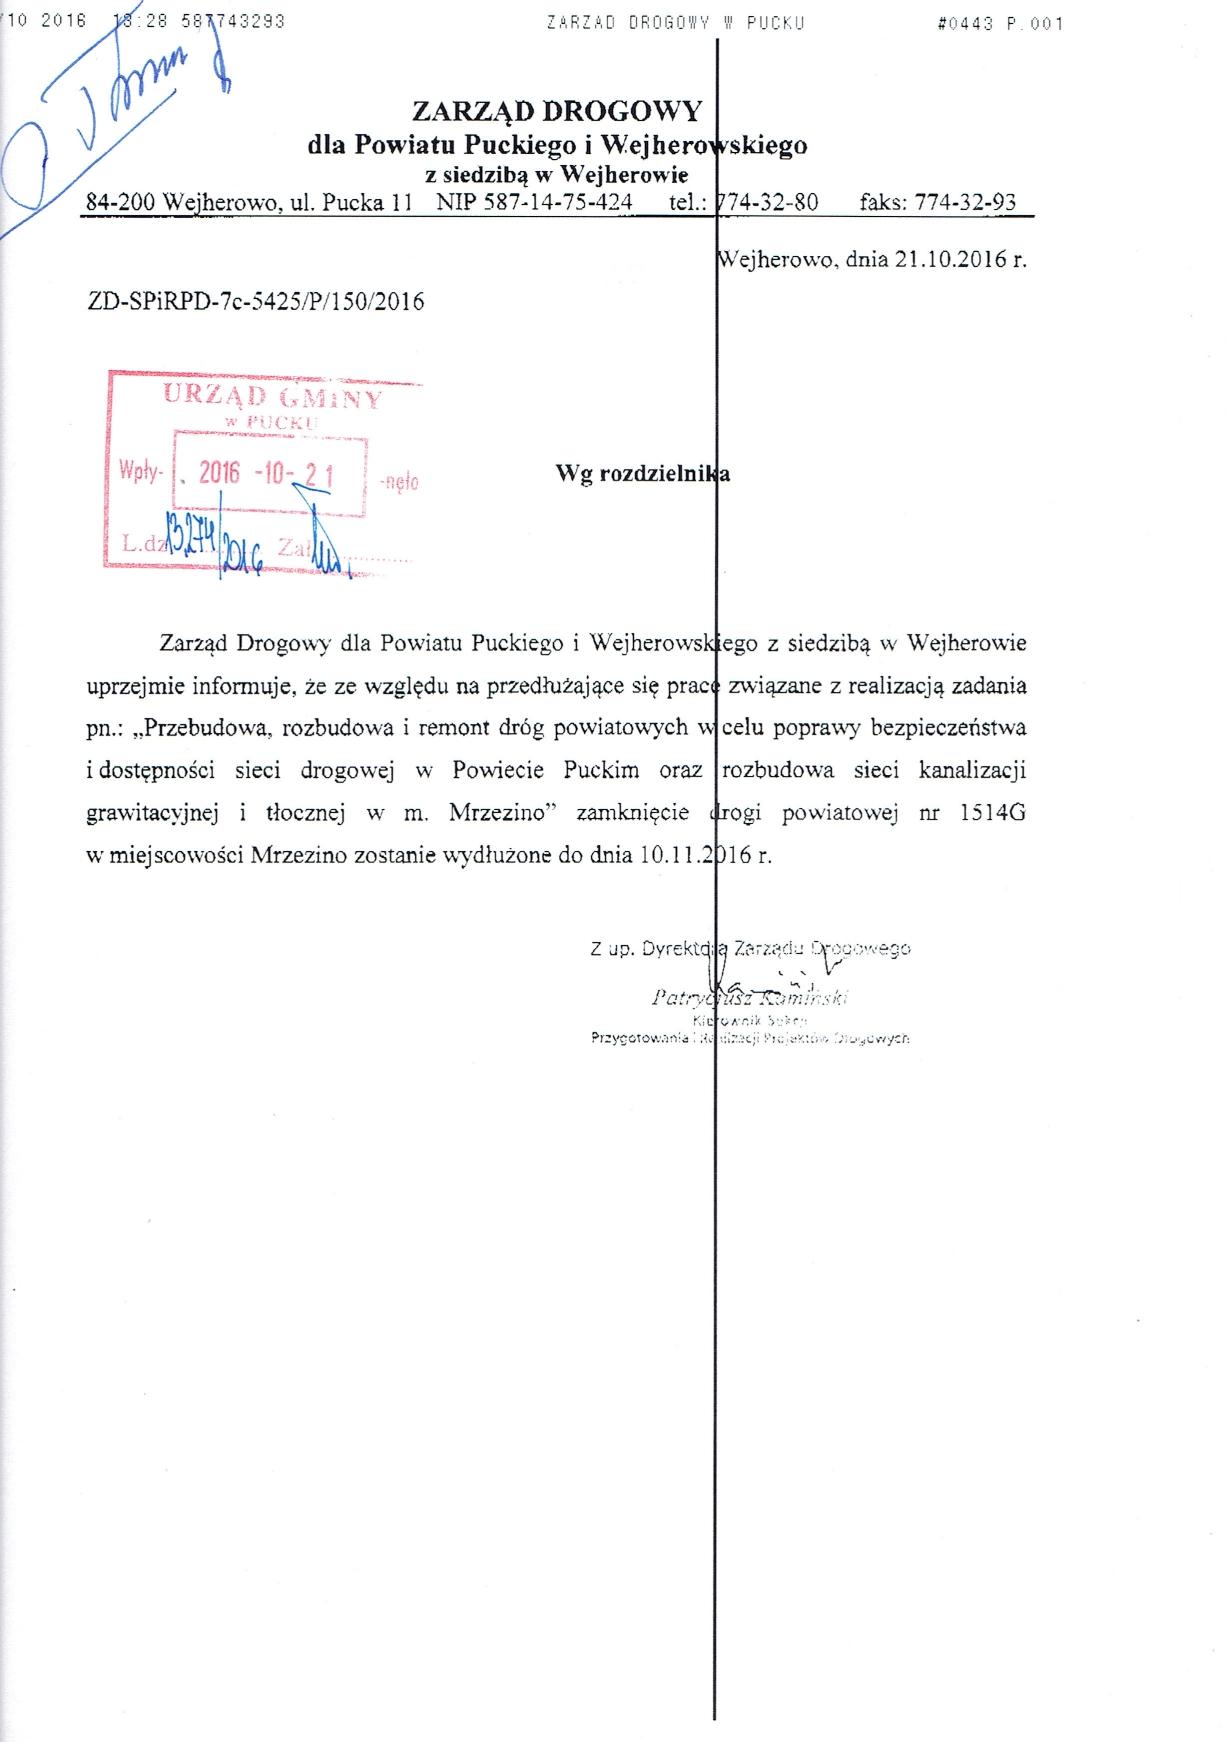 pismo-zarzadu-drogowego-wejherowo-zd-spirpd-7c-5425-p-150-2016_01